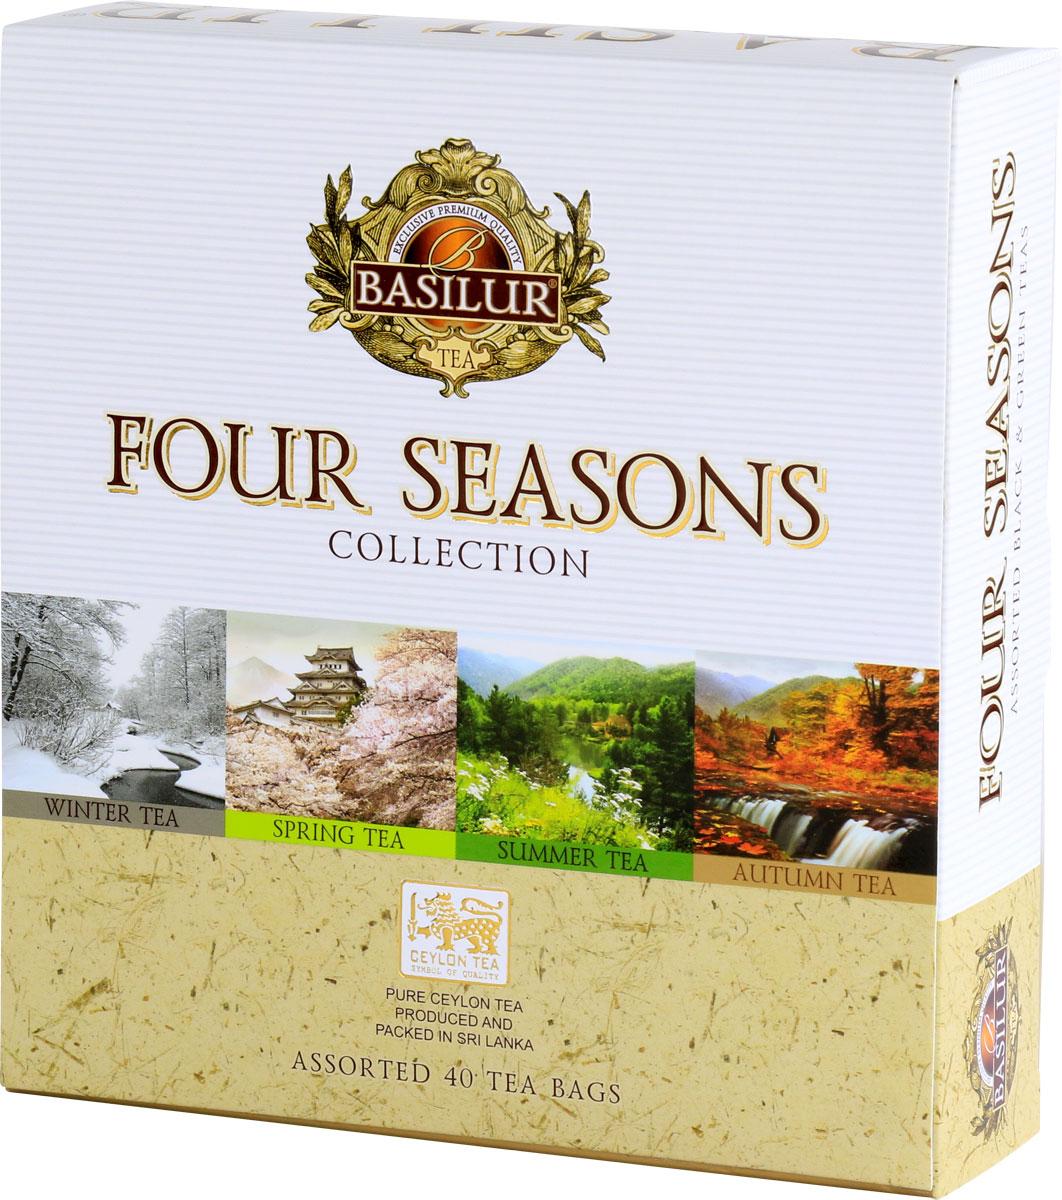 Basilur Assorted Four Seasons черный и зеленый чай в пакетиках, 40 шт71561-00Basilur Assorted Four Seasons - коллекция, состоящая из зеленого и черного чая с различными вкусами, создана специально для того, чтобы подарить Вам воспоминание о любимом времени года.Состав: Зимний чай - черный байховый чай с ароматом клюквы;Весенний чай - зеленый байховый чай с ароматом вишни;Летний чай - зеленый байховый чай с ароматом земляники;Осенний чай - черный байховый чай с ароматом кленового сиропа.Всё о чае: сорта, факты, советы по выбору и употреблению. Статья OZON Гид